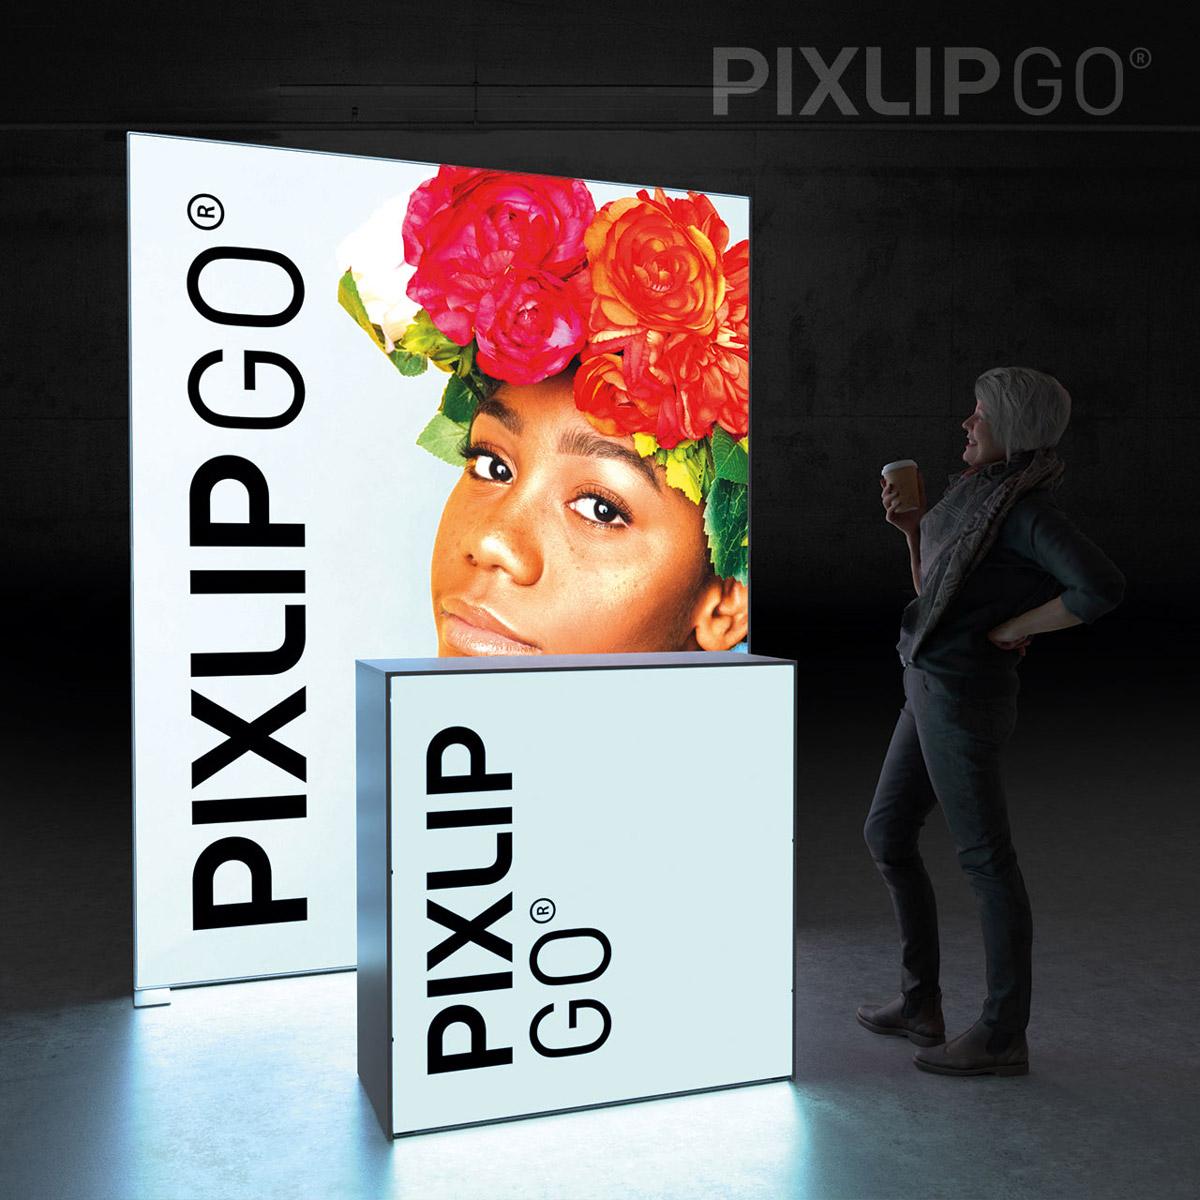 PIXLIP GO Kopf-Messestand 2x1,5m